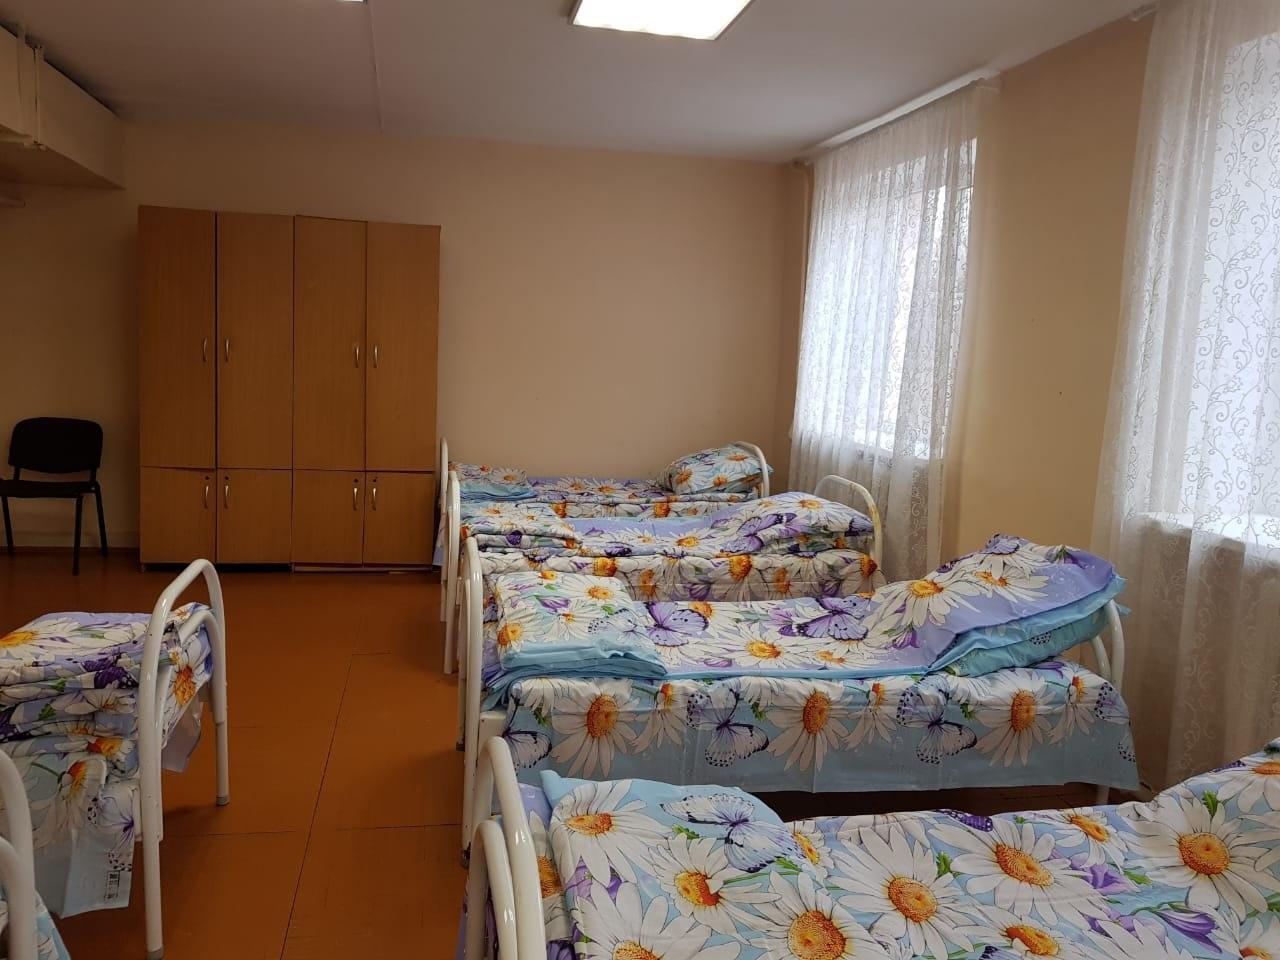 Так выглядят места отдыха для сотрудников Магнитогорского психоневрологического интерната